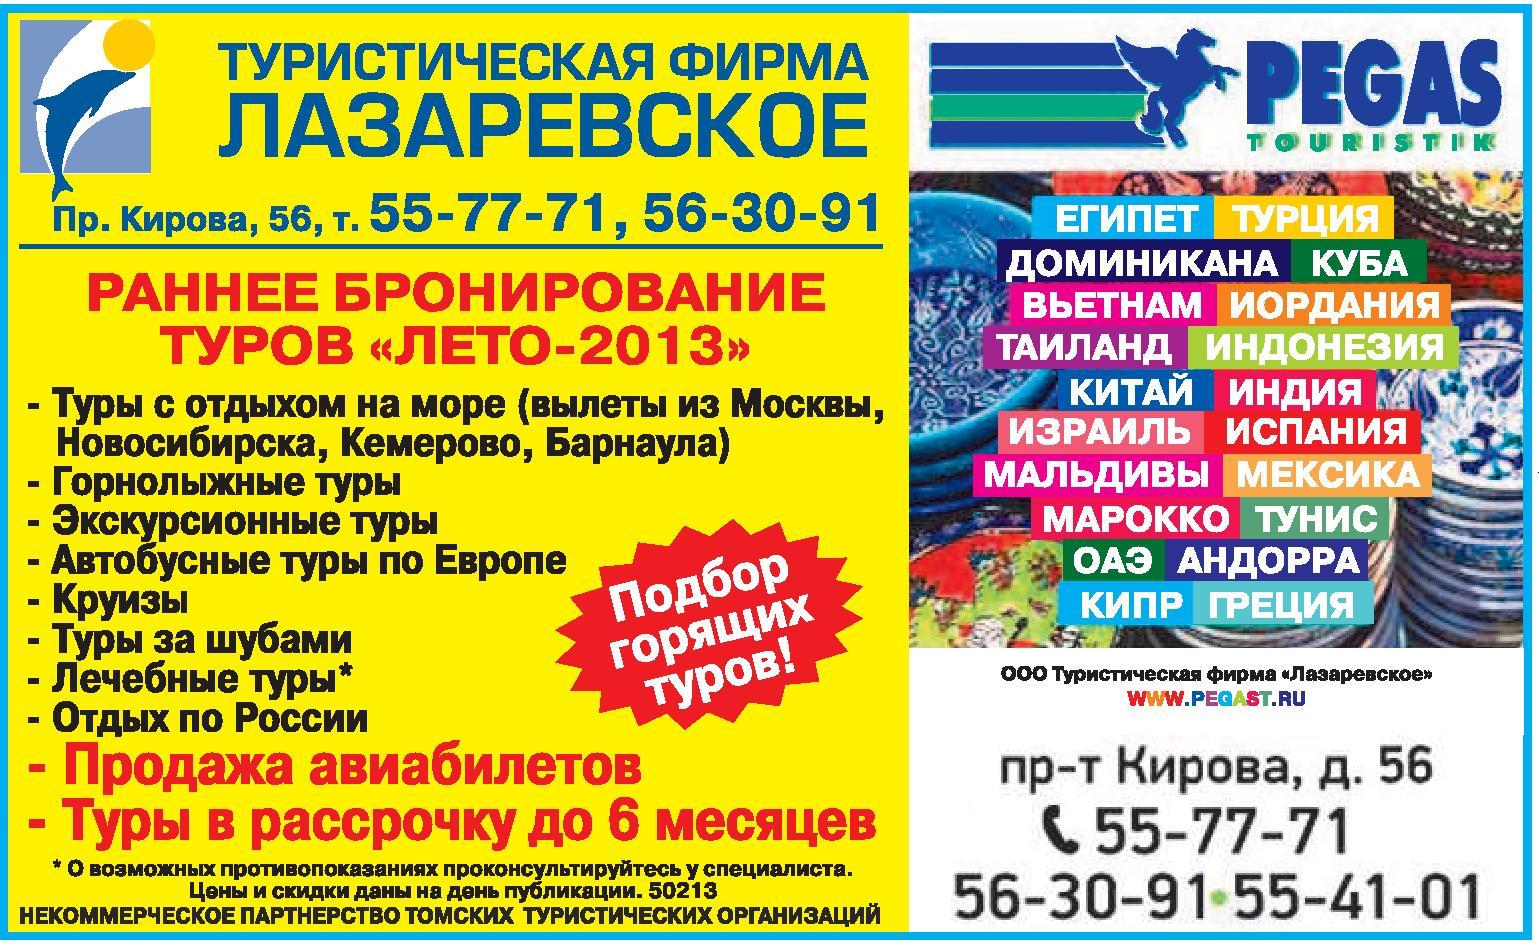 Туры по россии в рассрочку